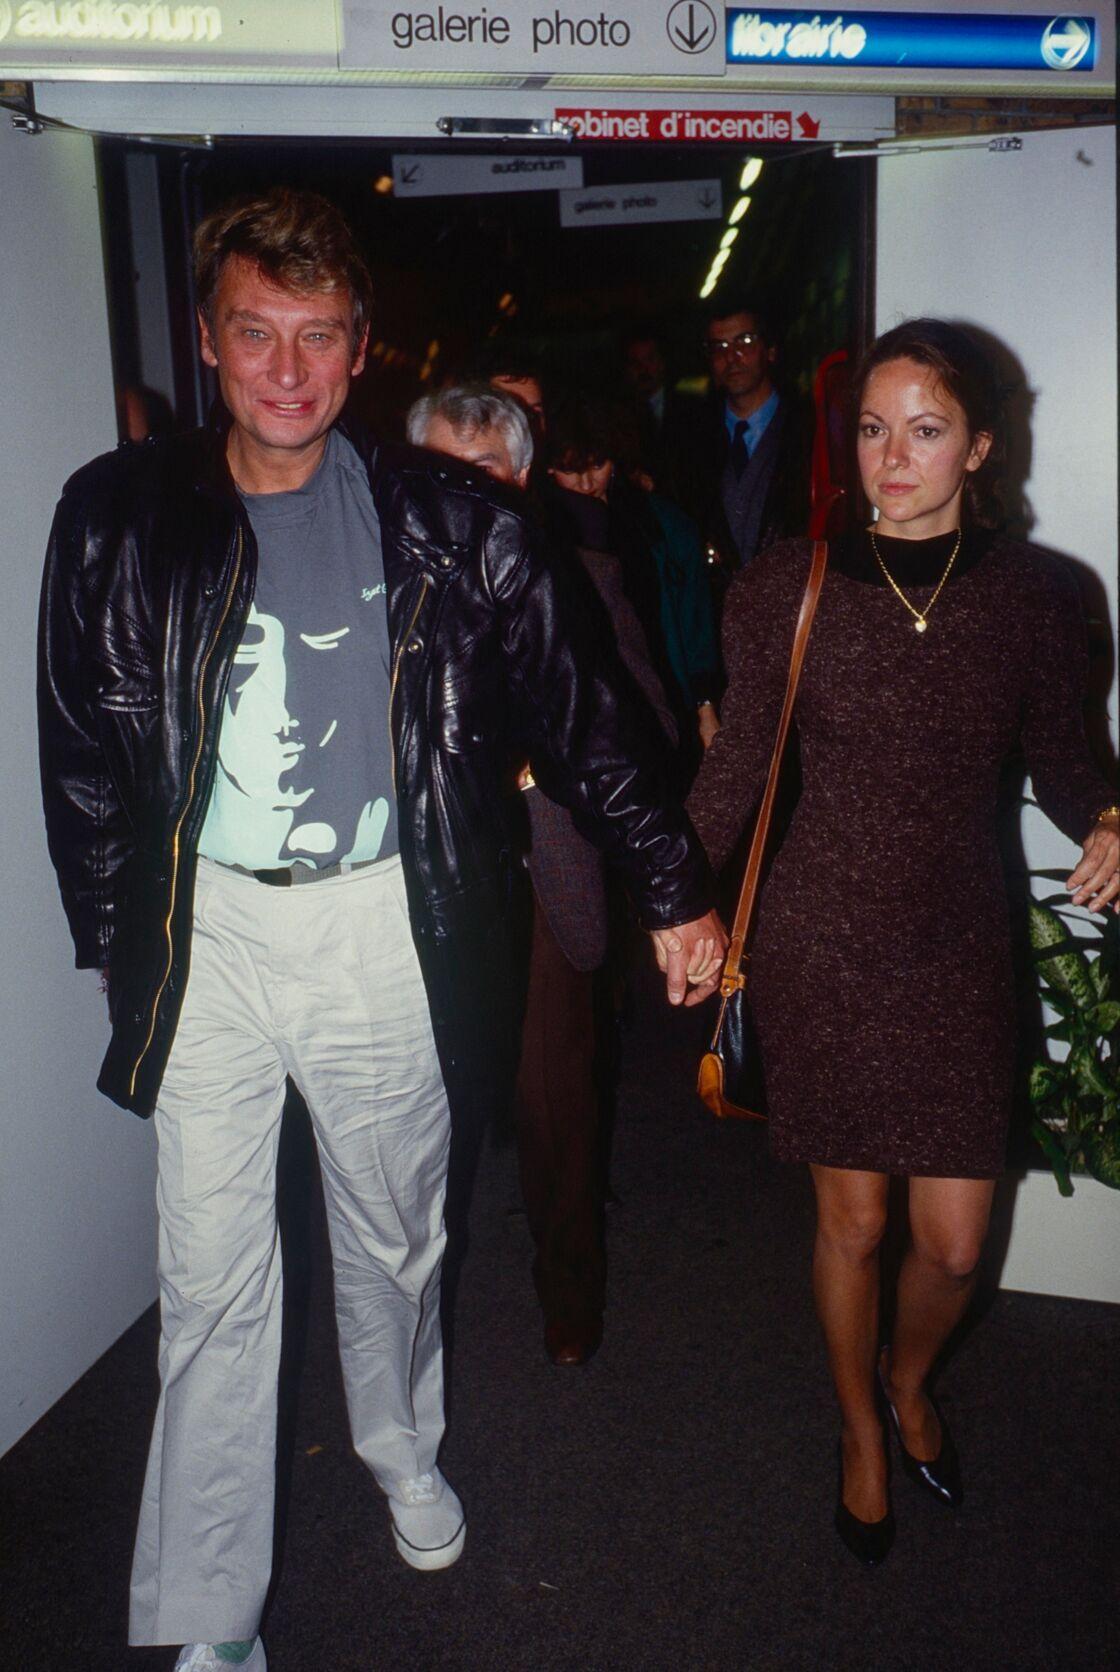 Johnny Hallyday et Gisèle Galante, main dans la main, lors d'une soirée en février 1988.